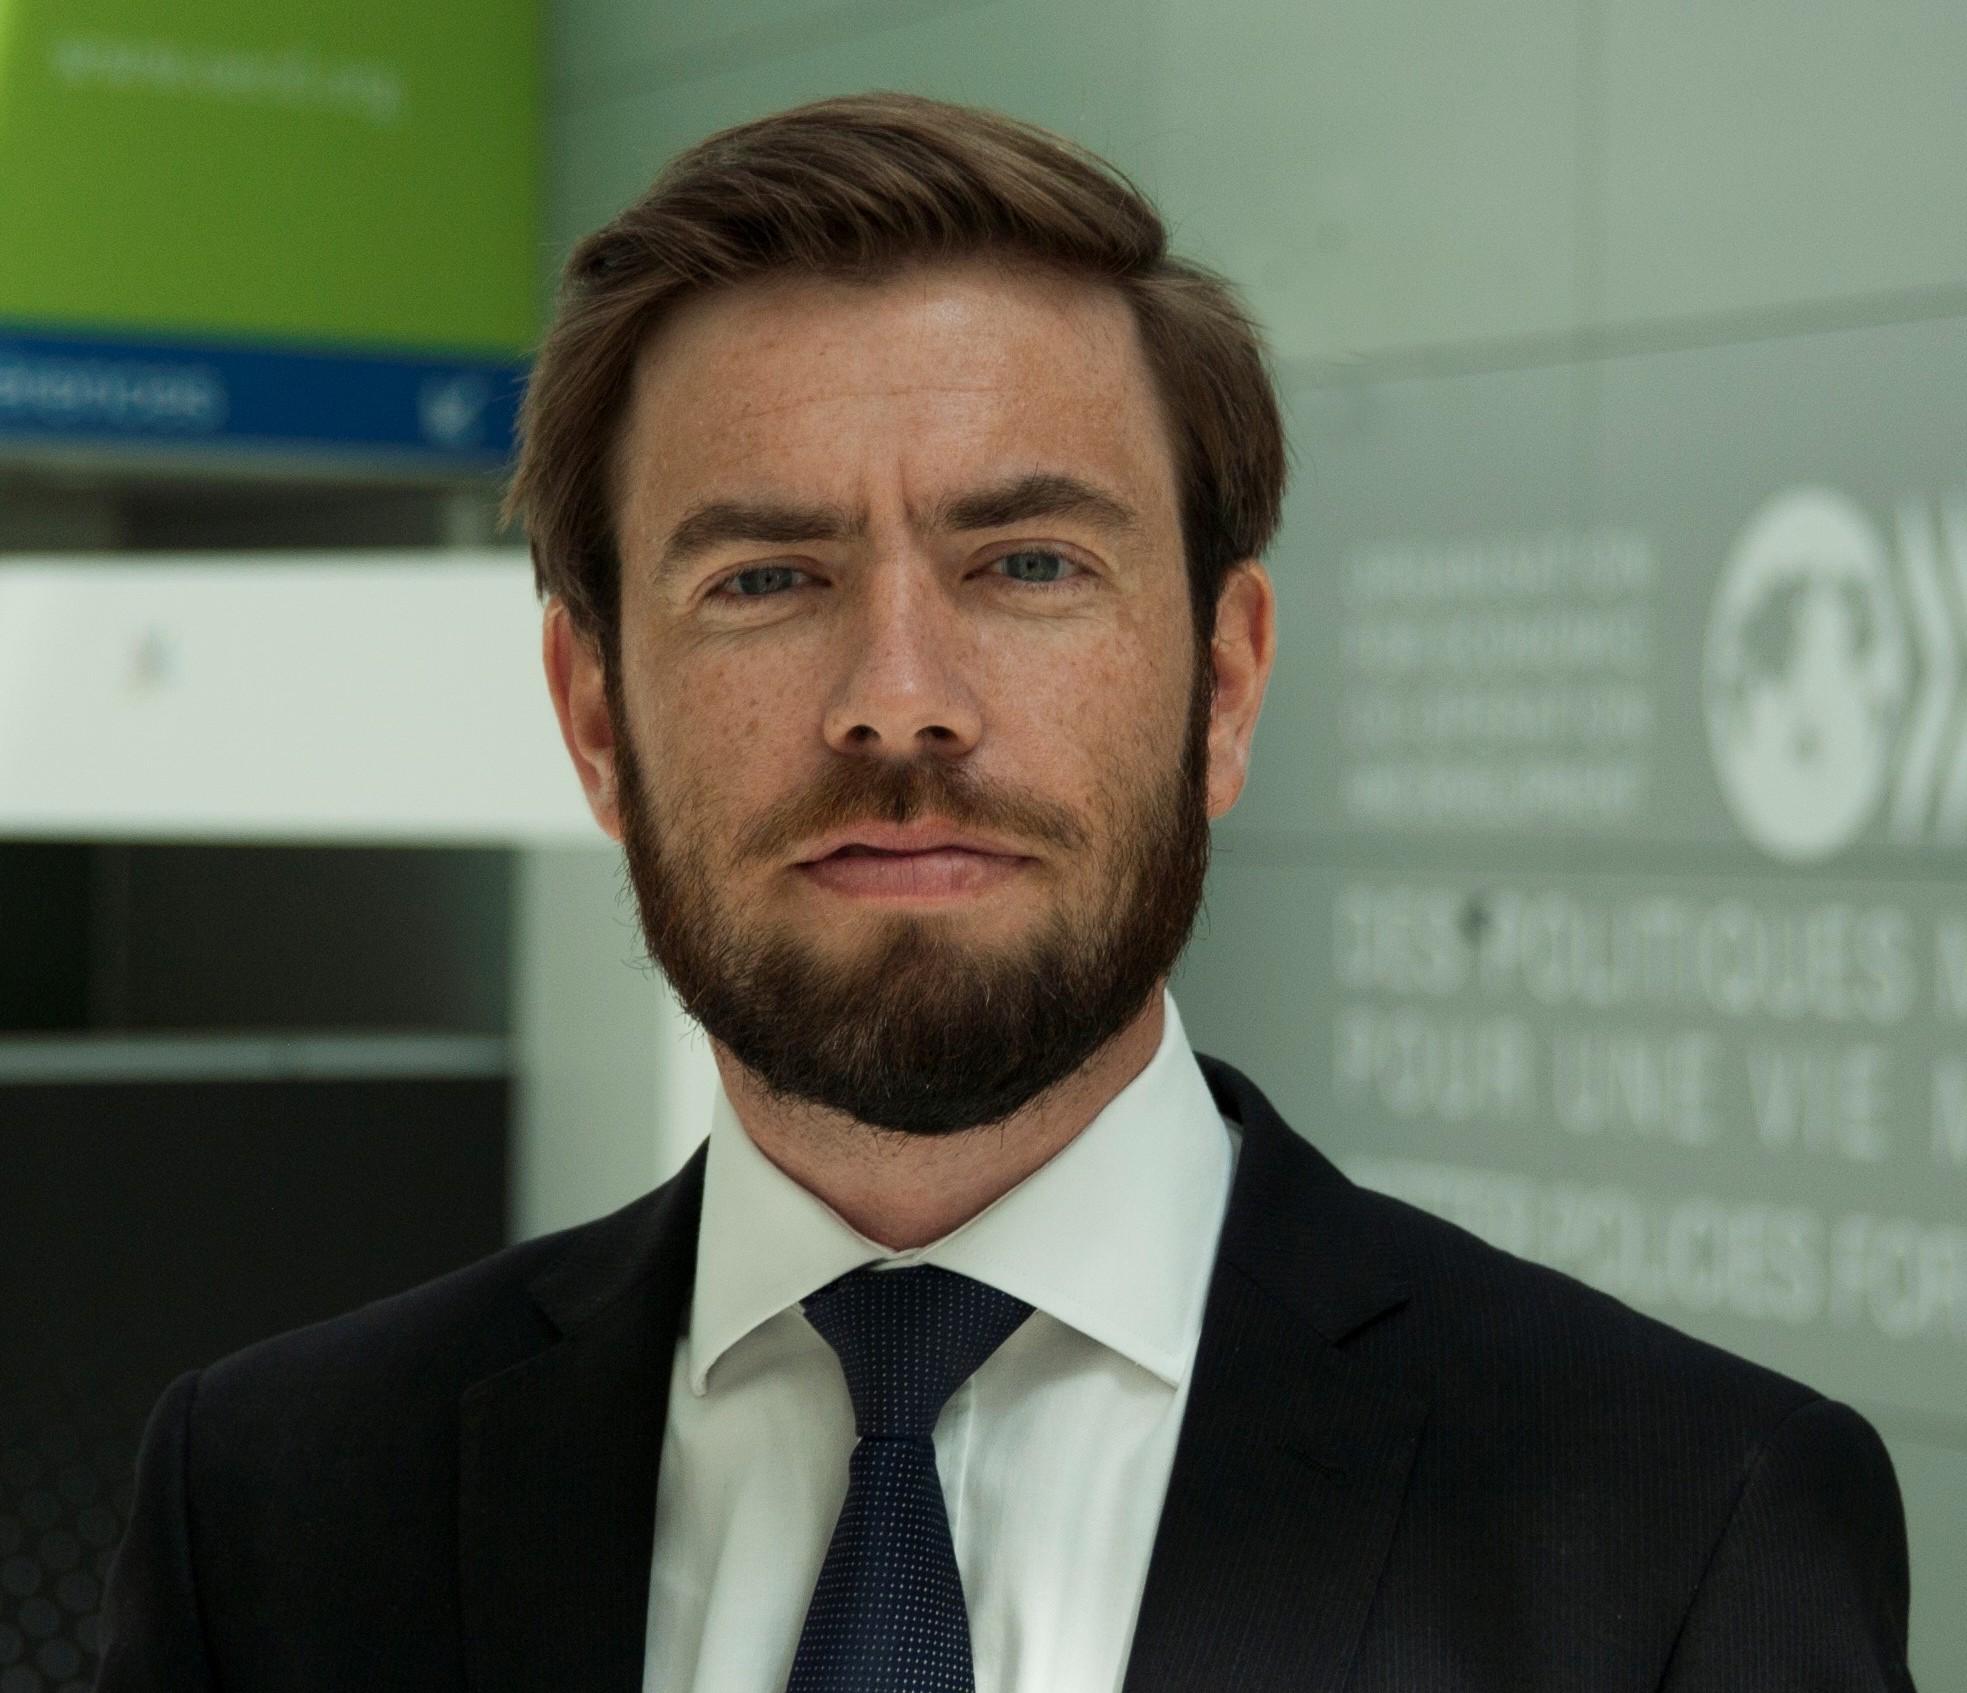 Image of Ben Westmore